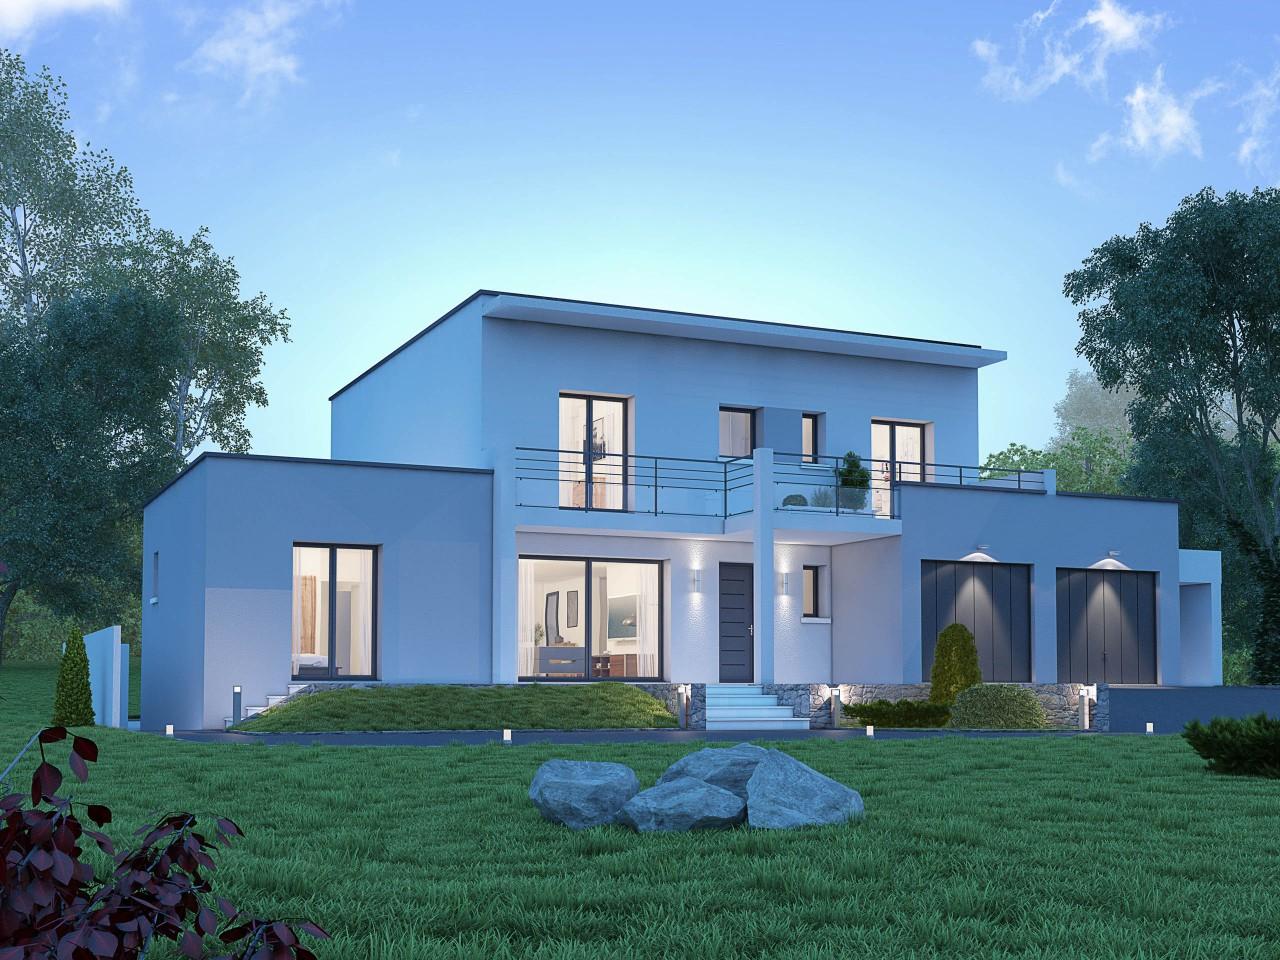 maison moderne region parisienne. Black Bedroom Furniture Sets. Home Design Ideas